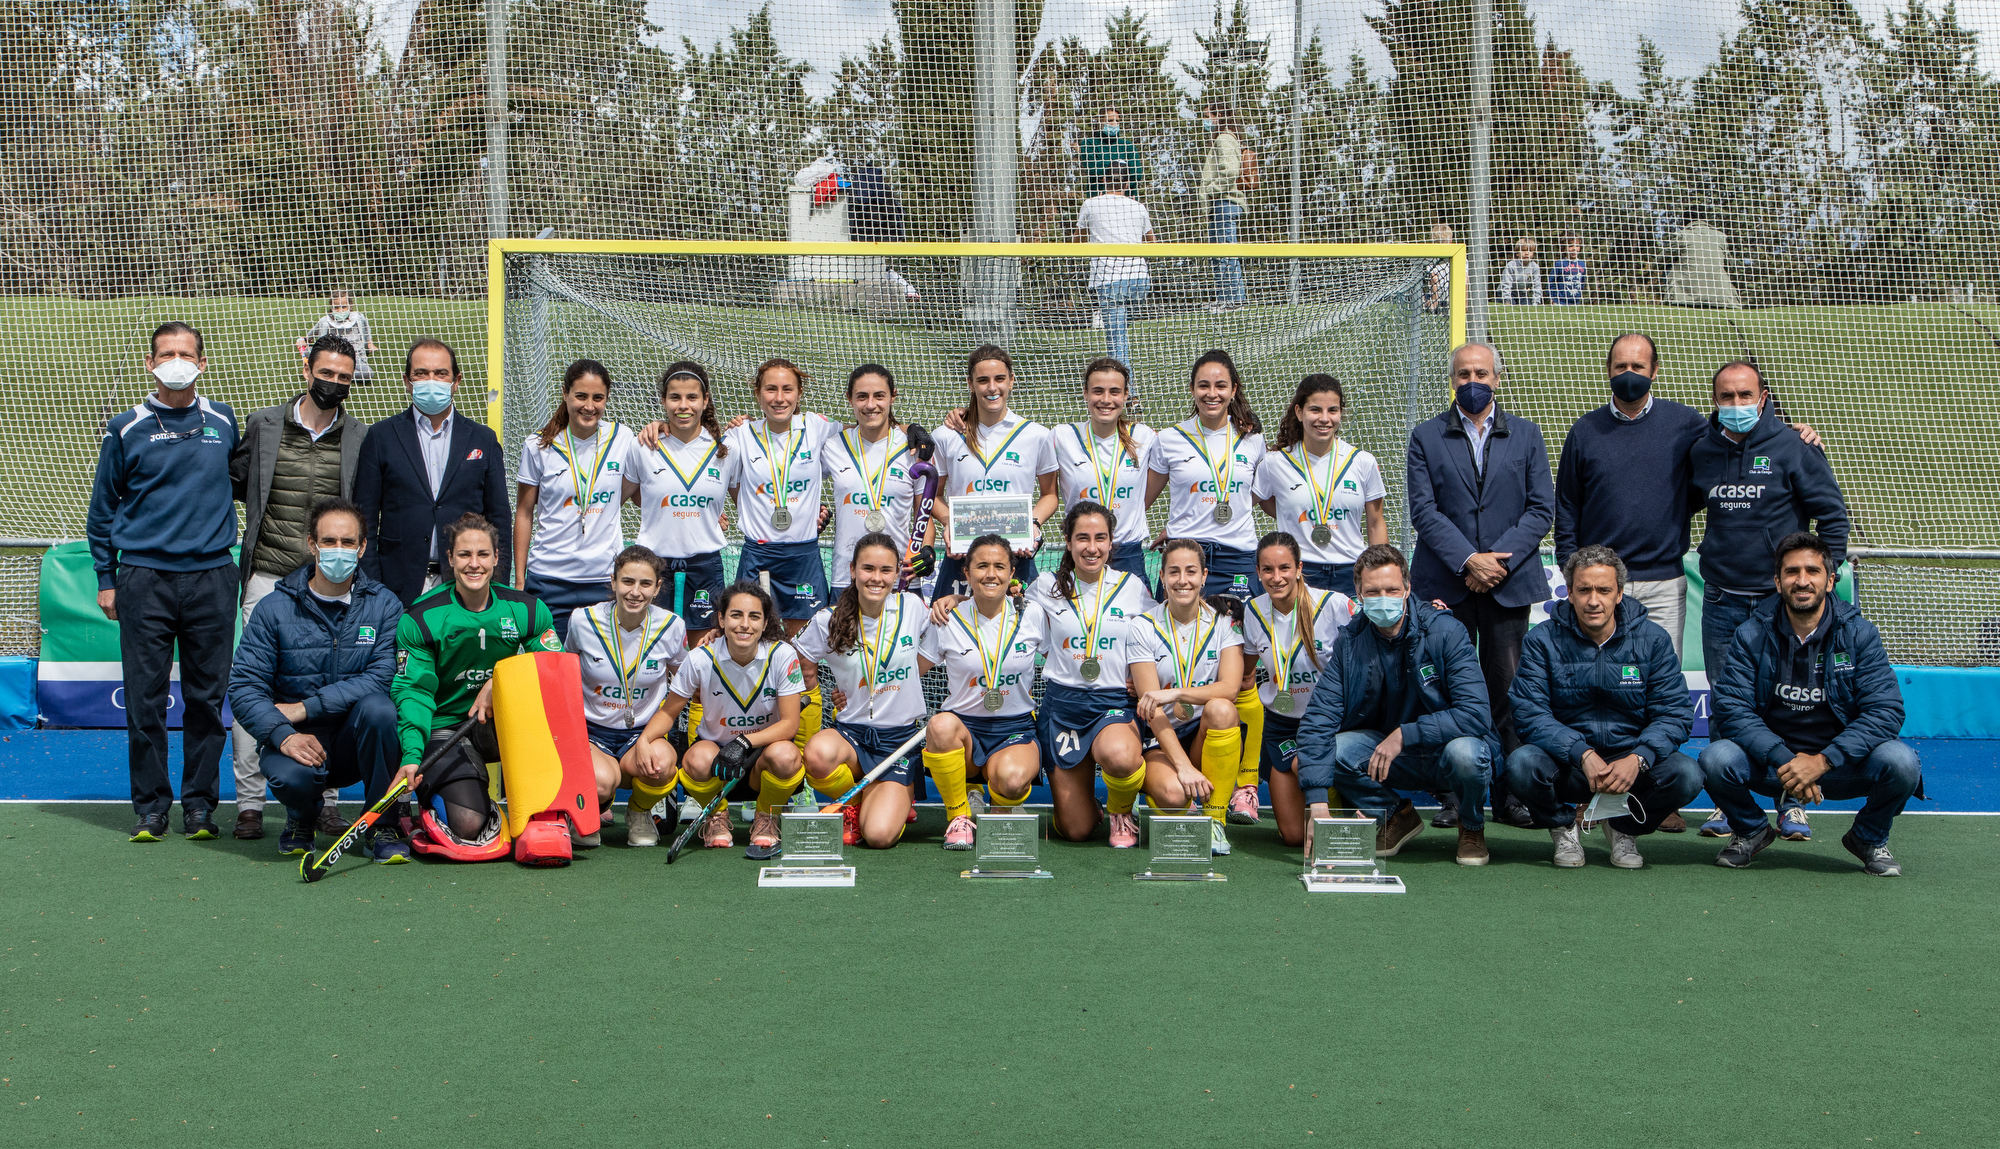 Equipo femenino de hockey del Club de Campo Villa de Madrid. Foto: Miguel Ros / CCVM